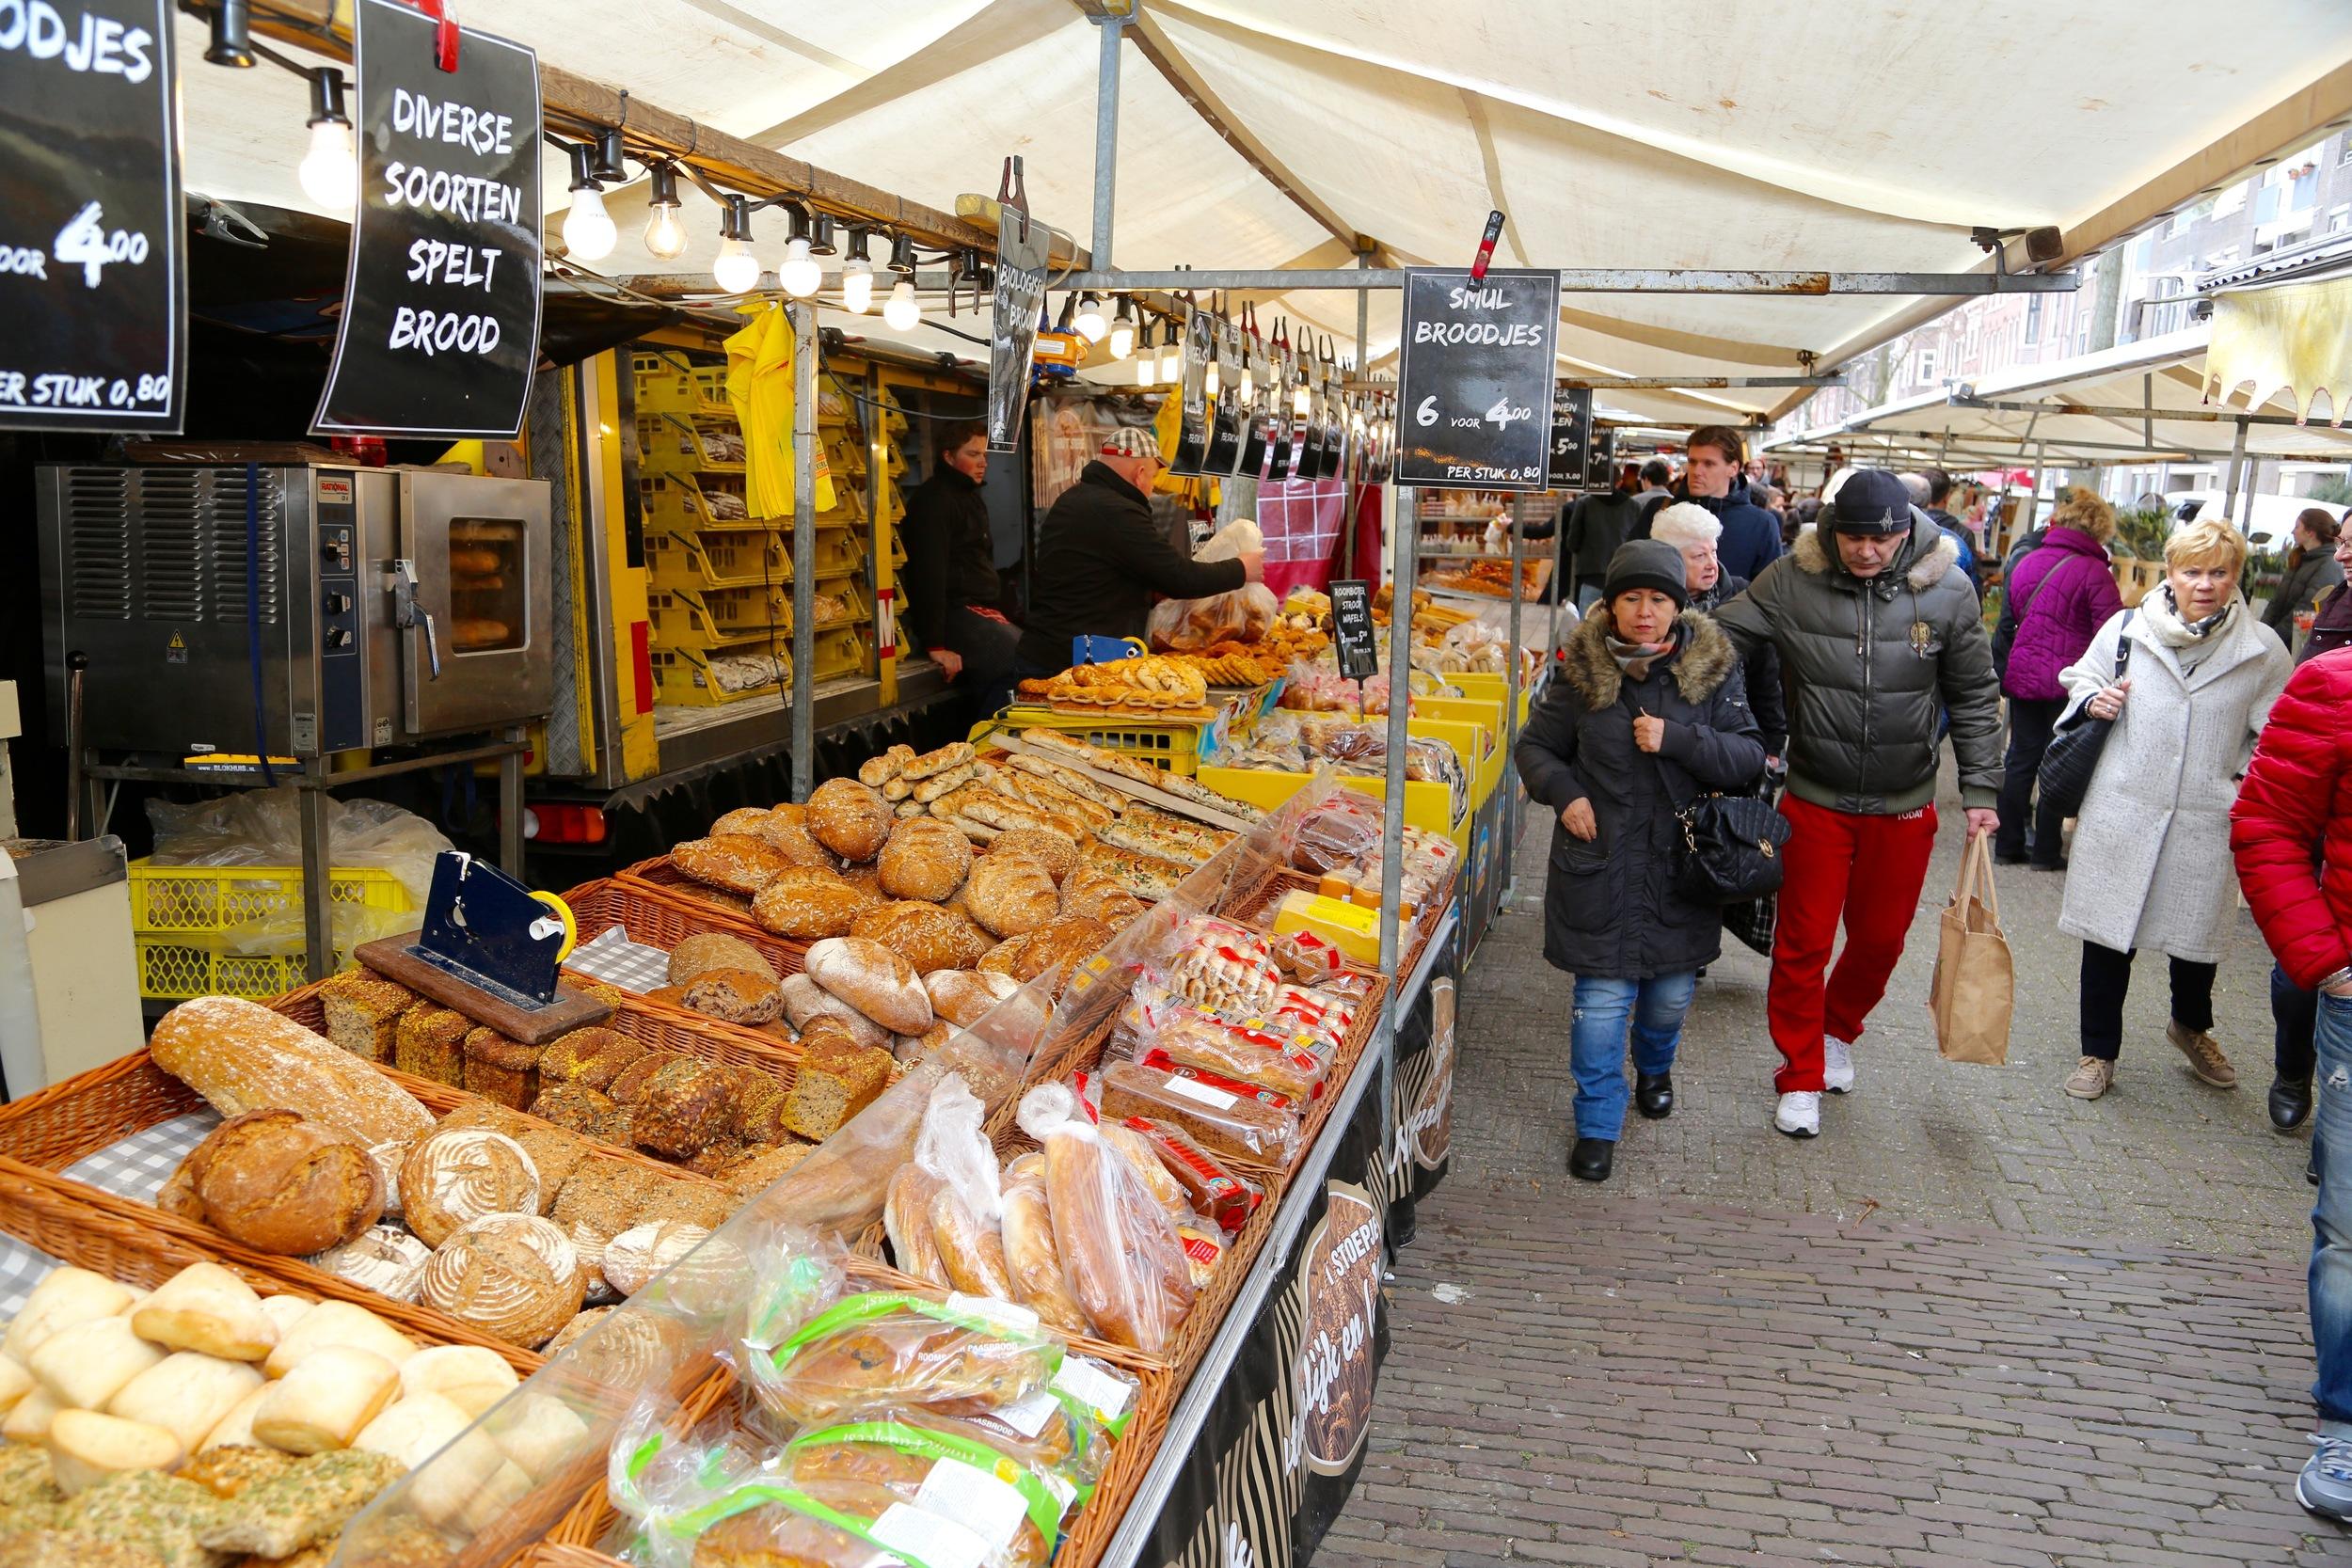 Markedene er fulle av folk, og av lukt, smak og opplevelser. Foto: Odd Roar Lange